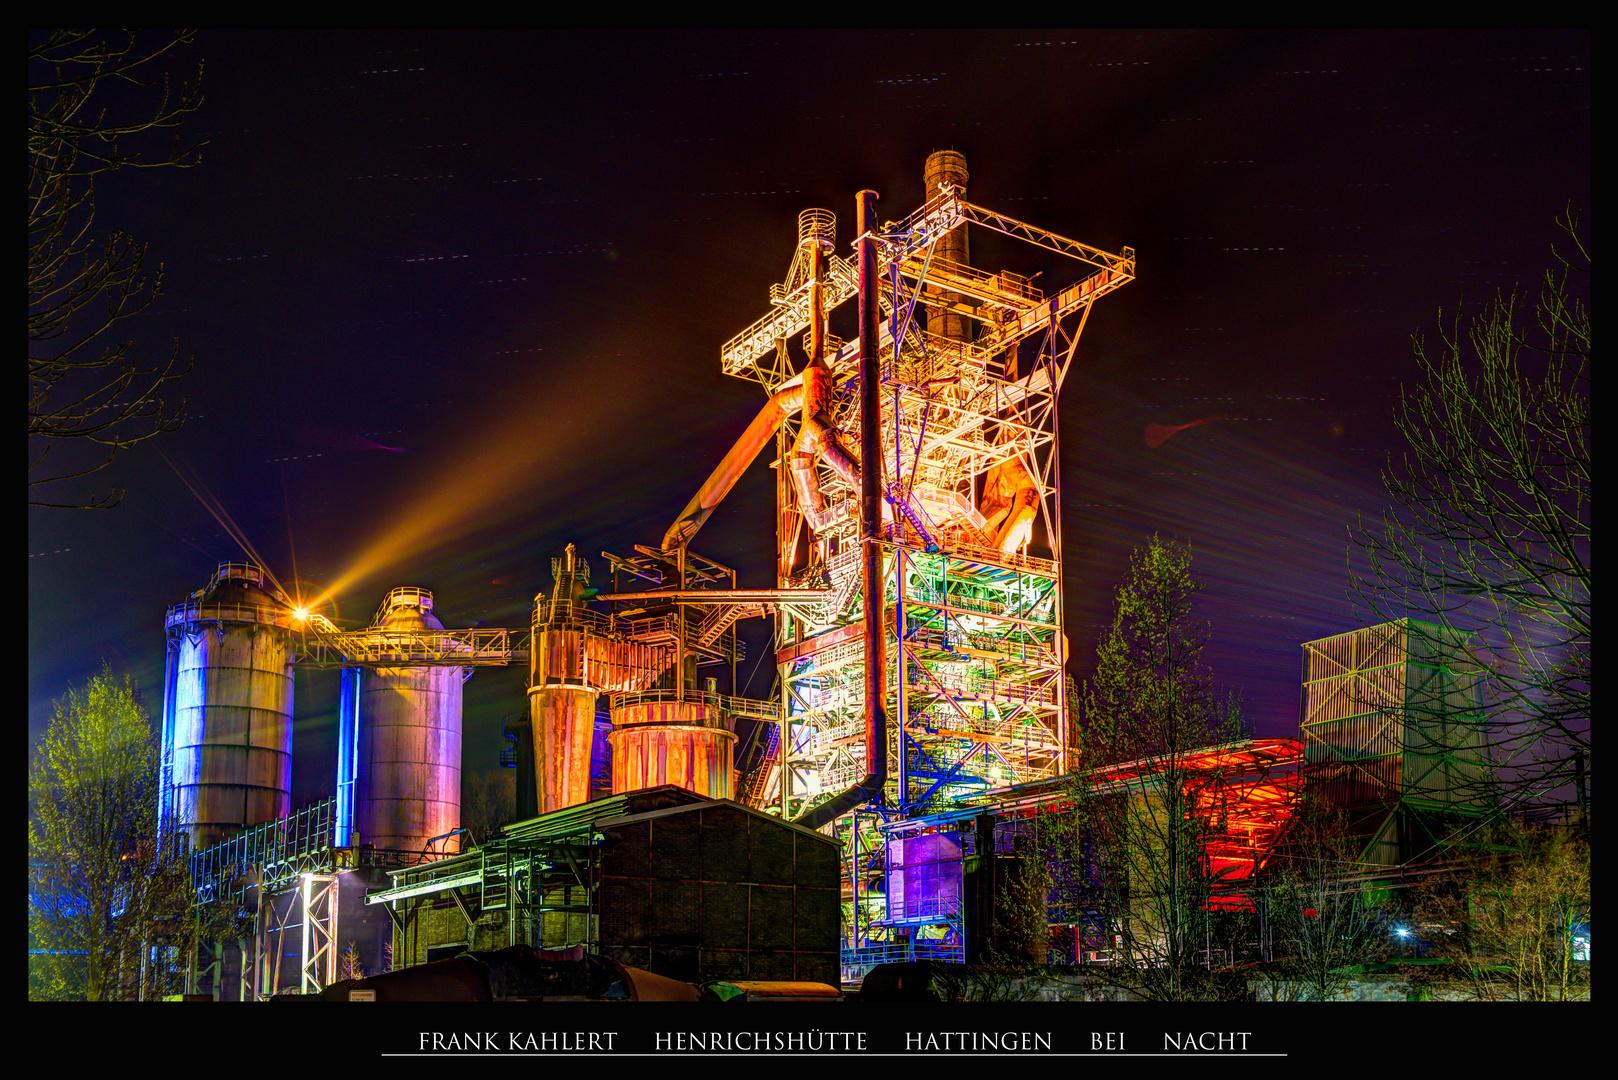 Henrichshütte bei Nacht